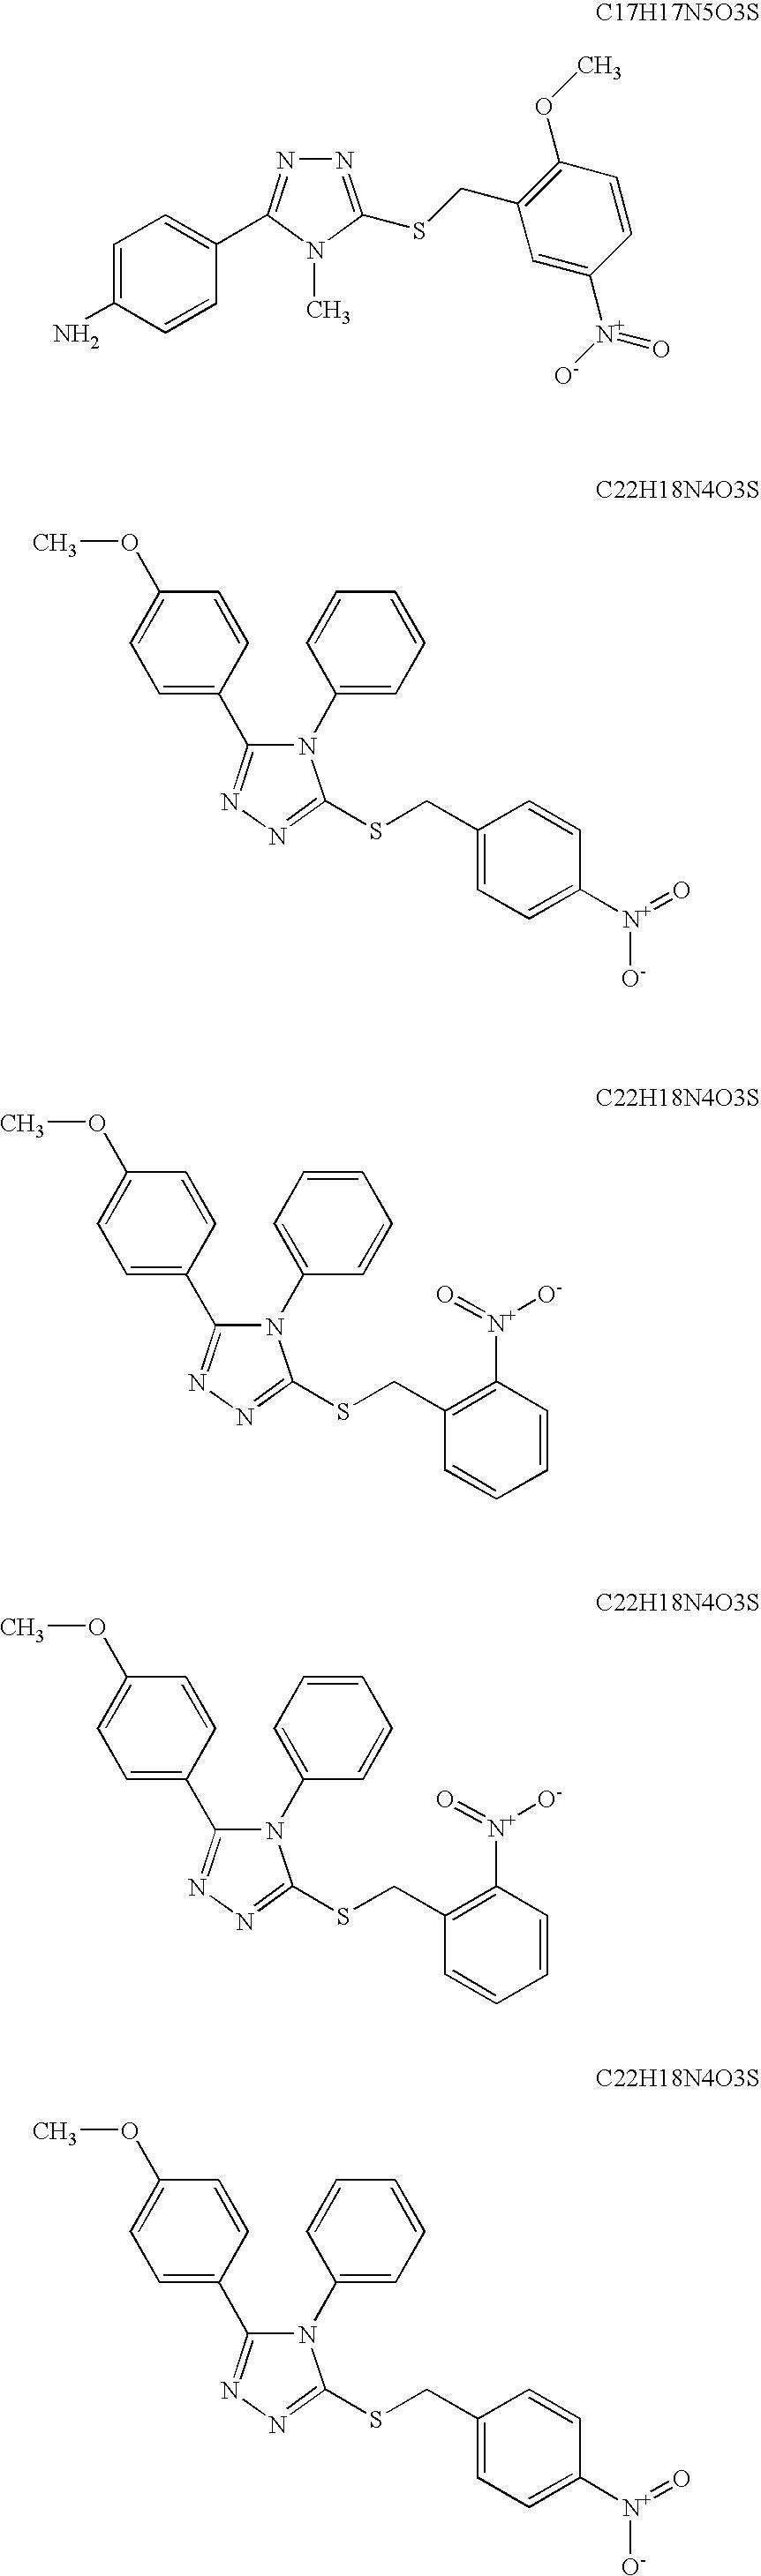 Figure US20070196395A1-20070823-C00073